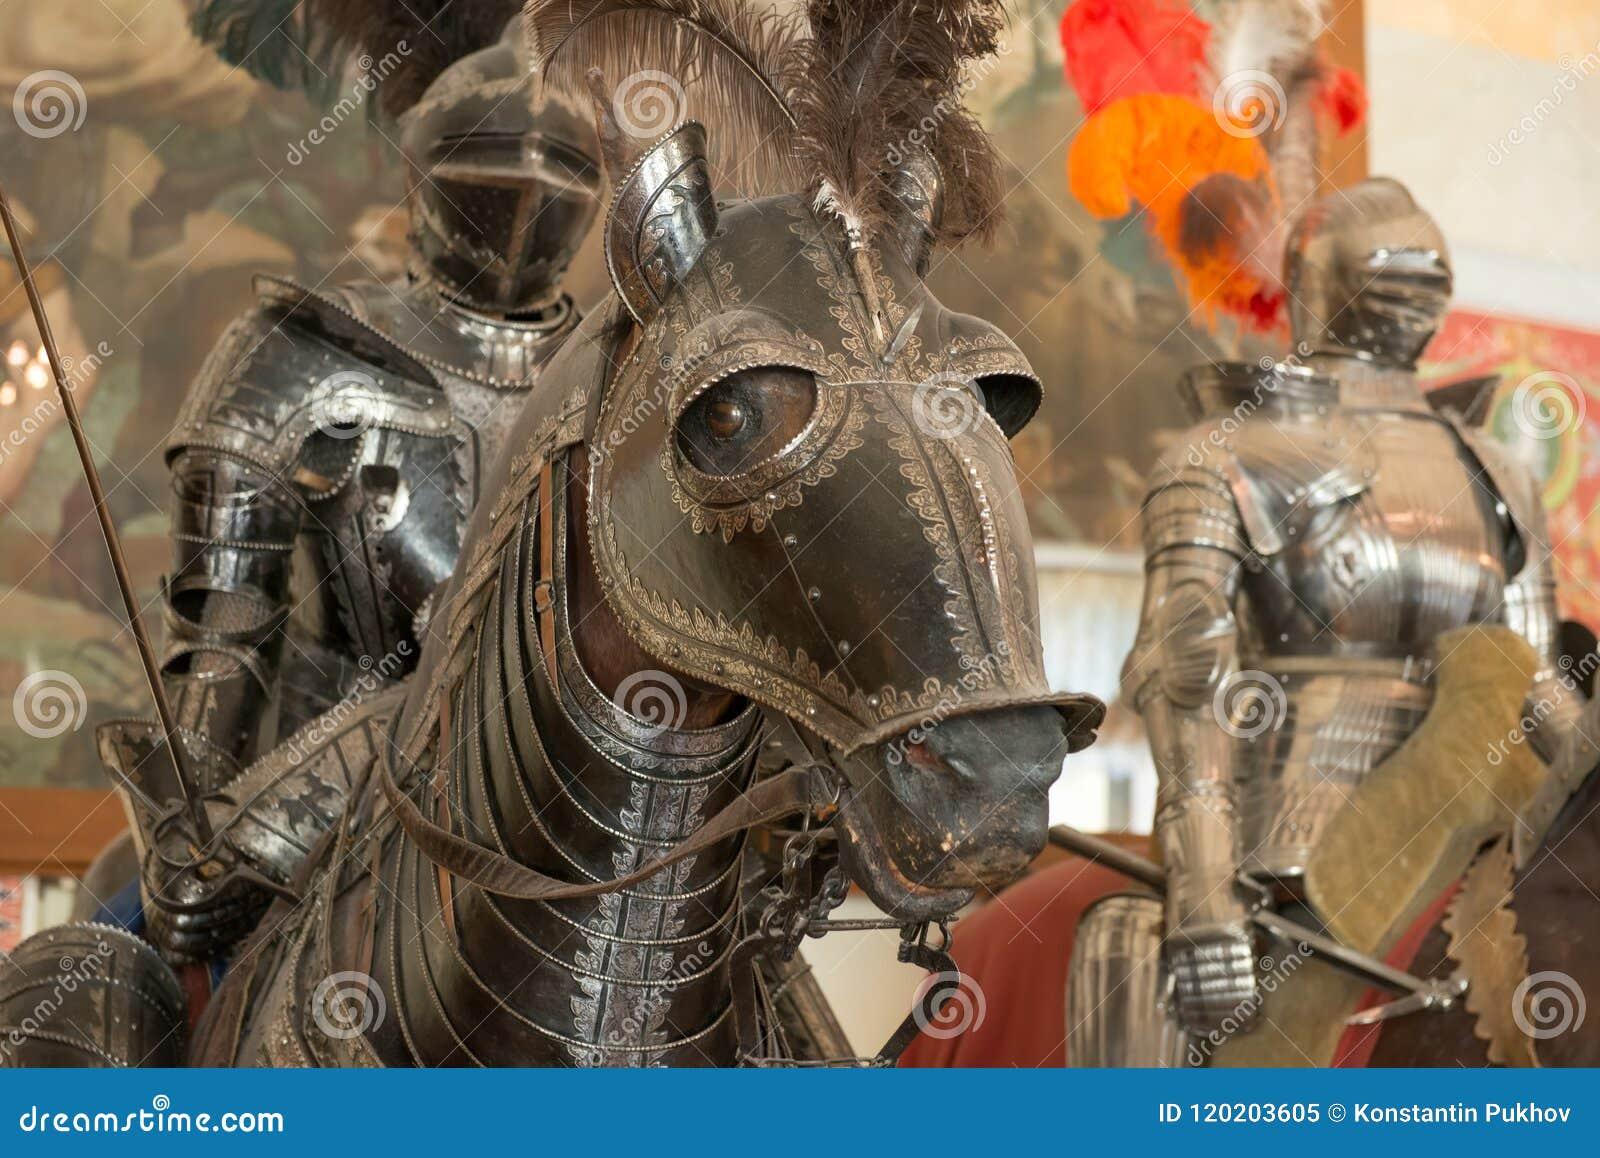 Лошадь в панцыре